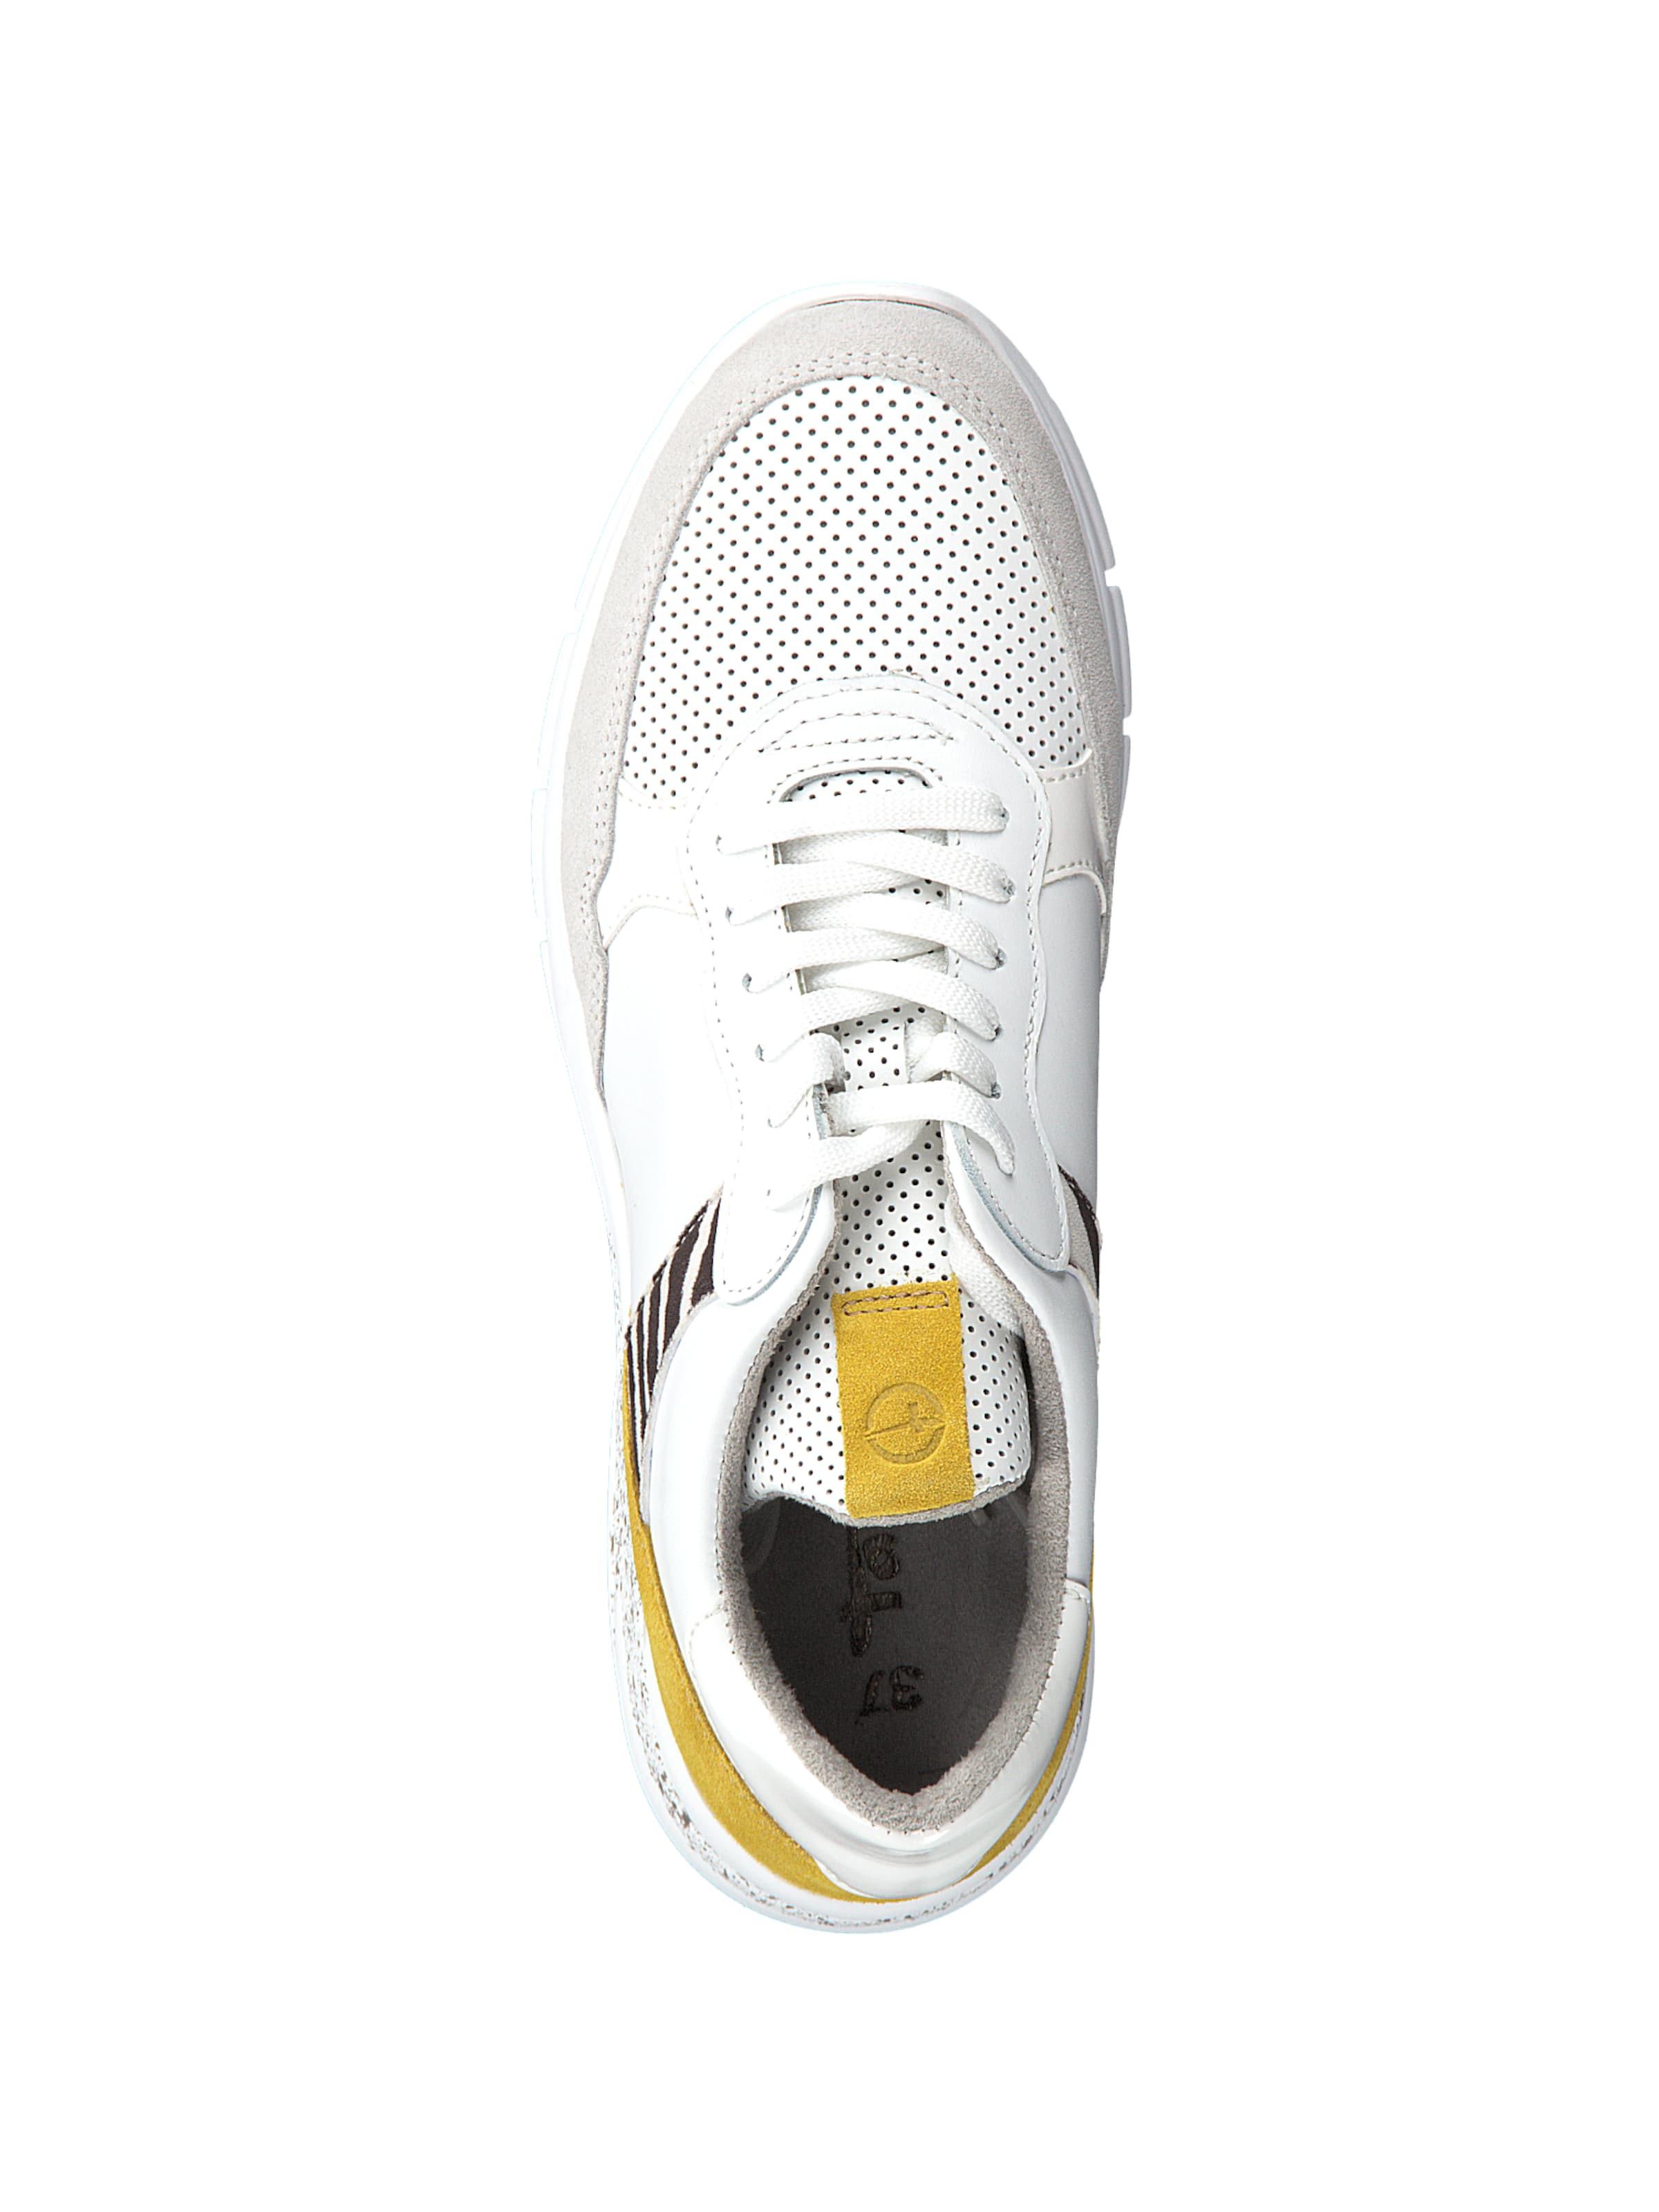 In Tamaris Sneaker Sneaker DunkelgelbWeiß Tamaris In Sneaker In DunkelgelbWeiß Tamaris DunkelgelbWeiß SLqzMVpjUG